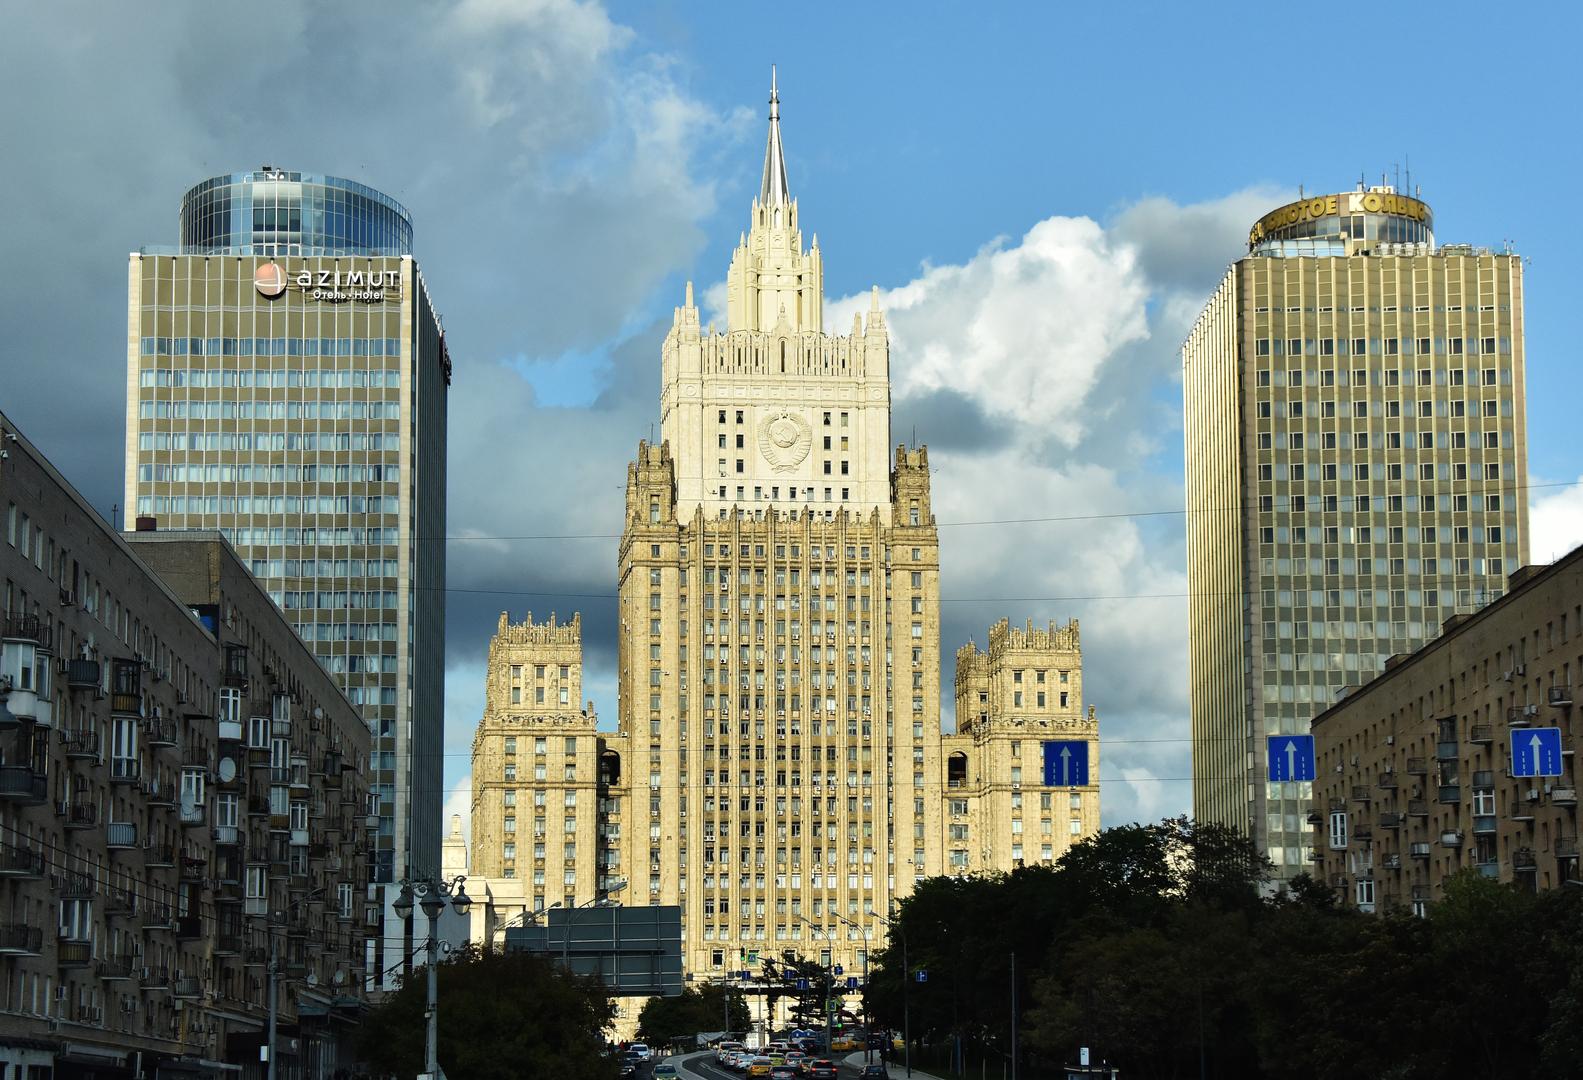 موسكو: نأمل بتسوية قريبة في لبنان على أساس توافق وطني